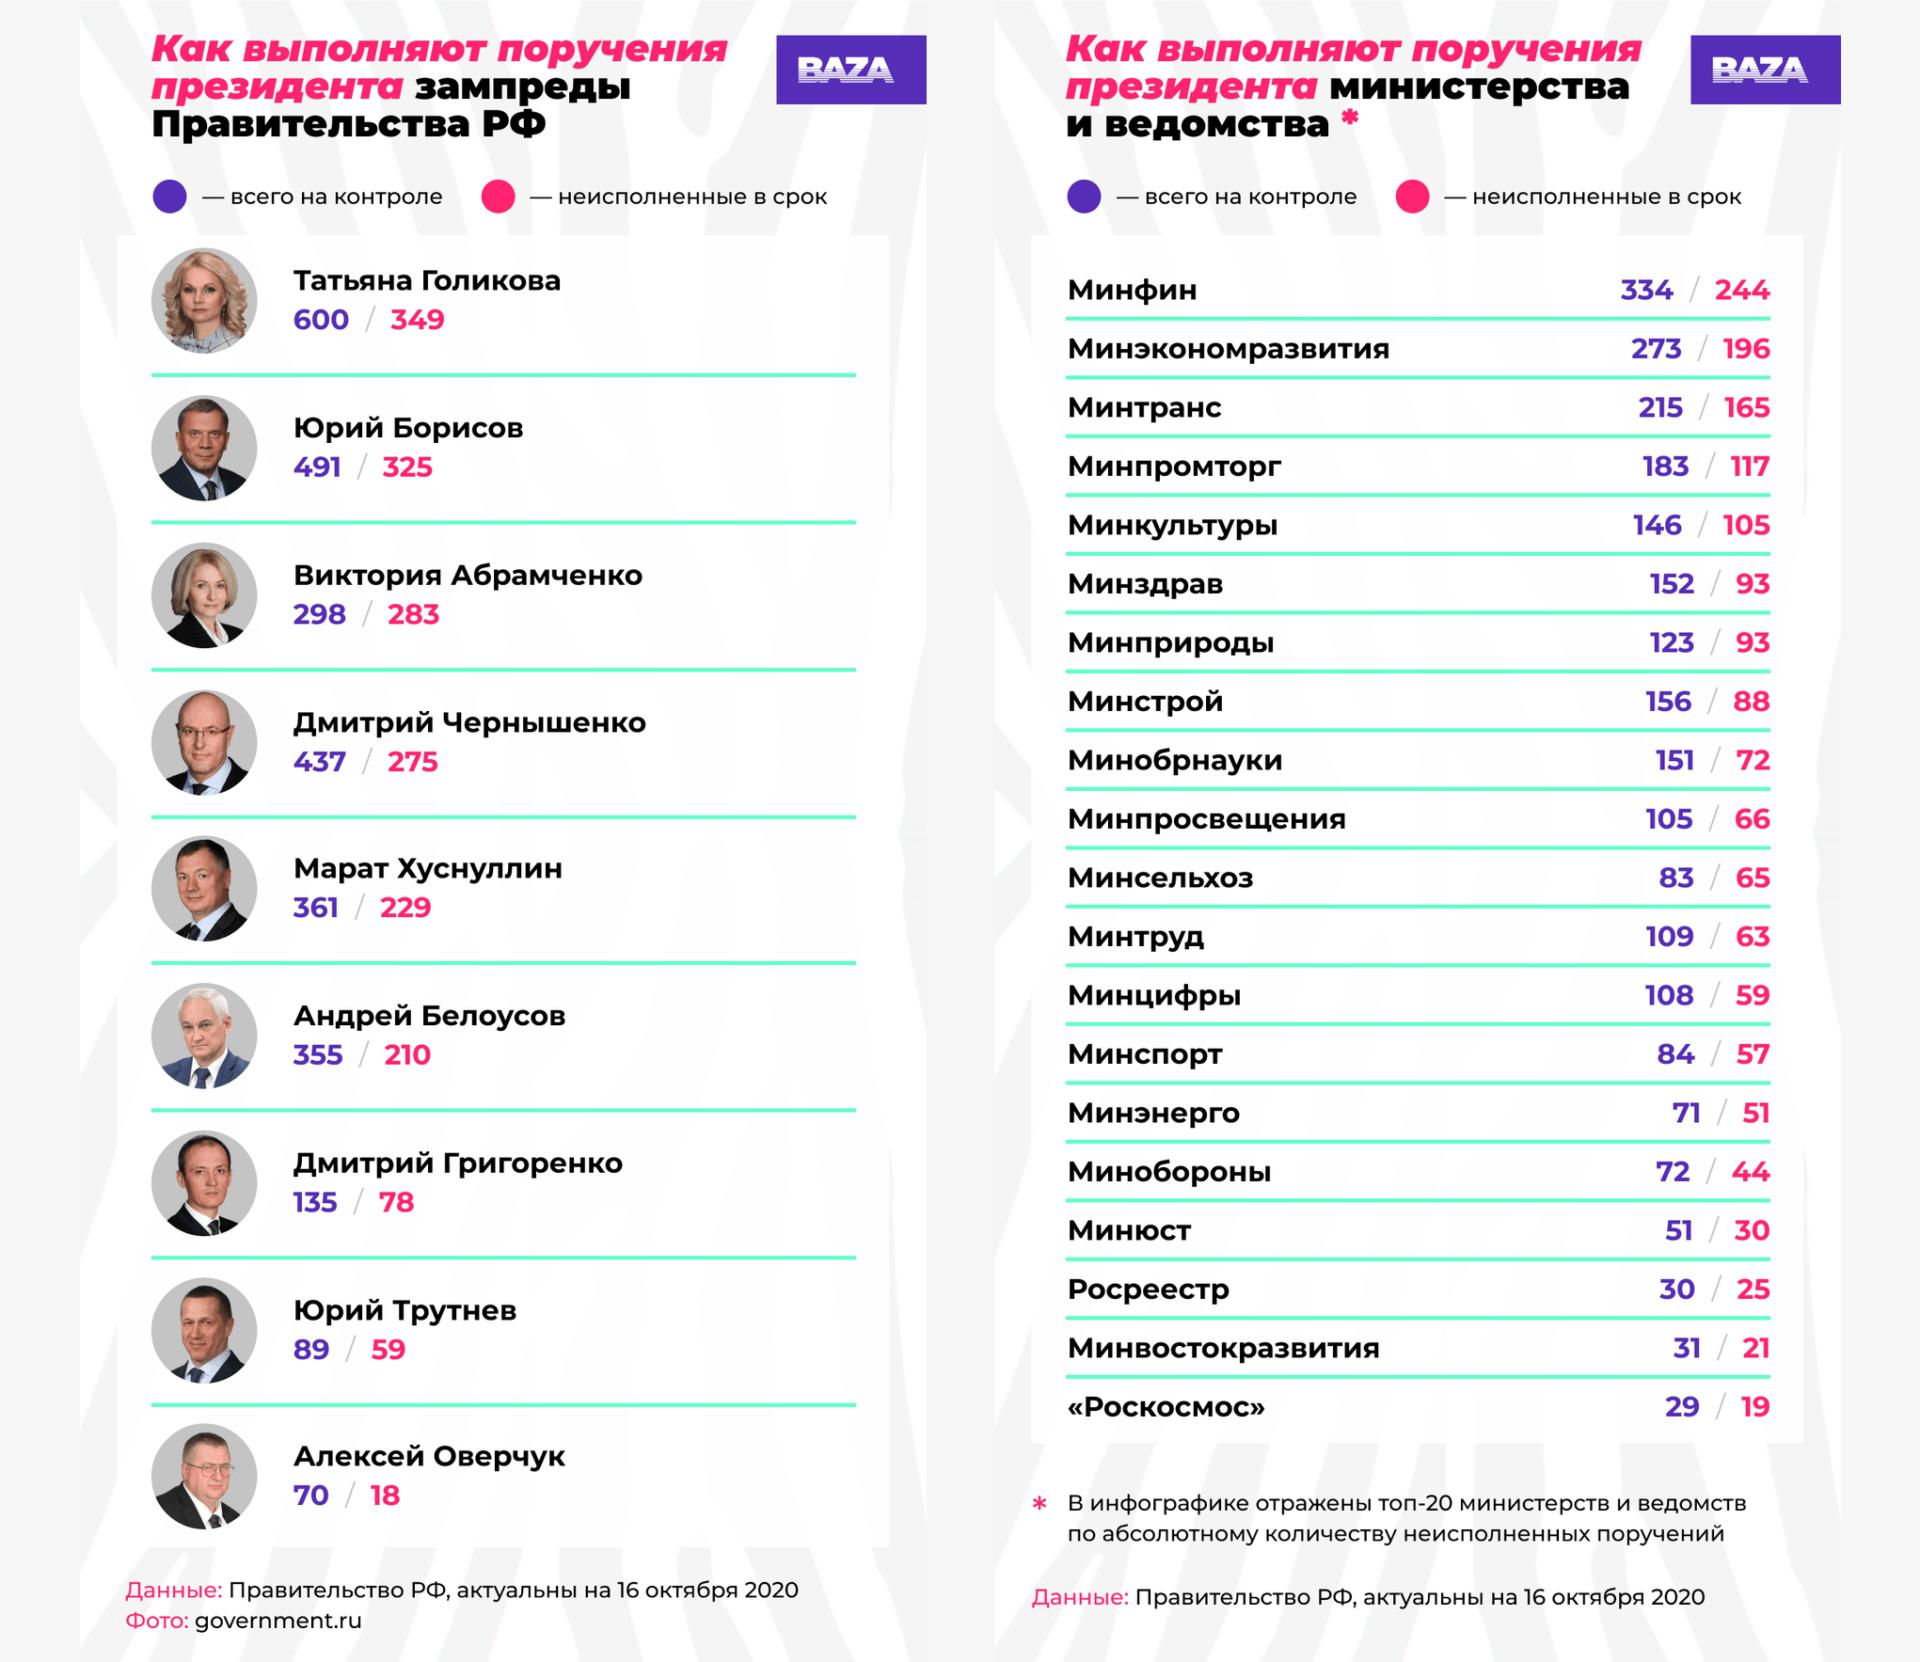 Голикова просрочила 58% поручений Путина, Минфин — 73%